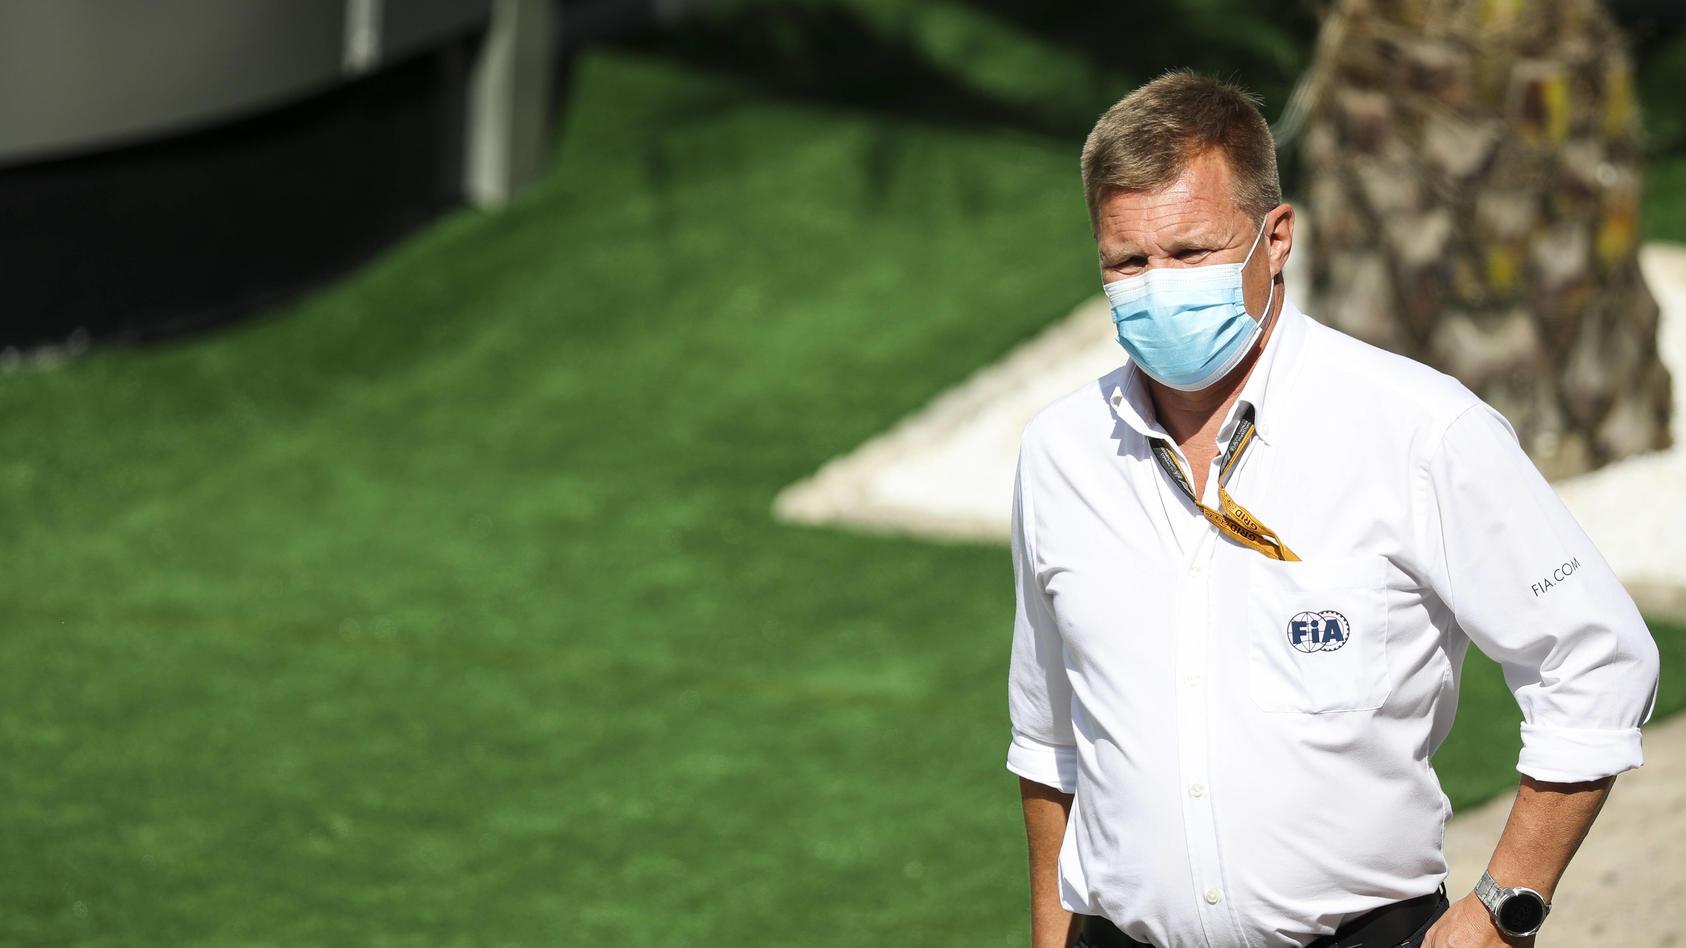 Formel-1-Steward beim Großen Preis in Sotschi: der Finne Mika Salo